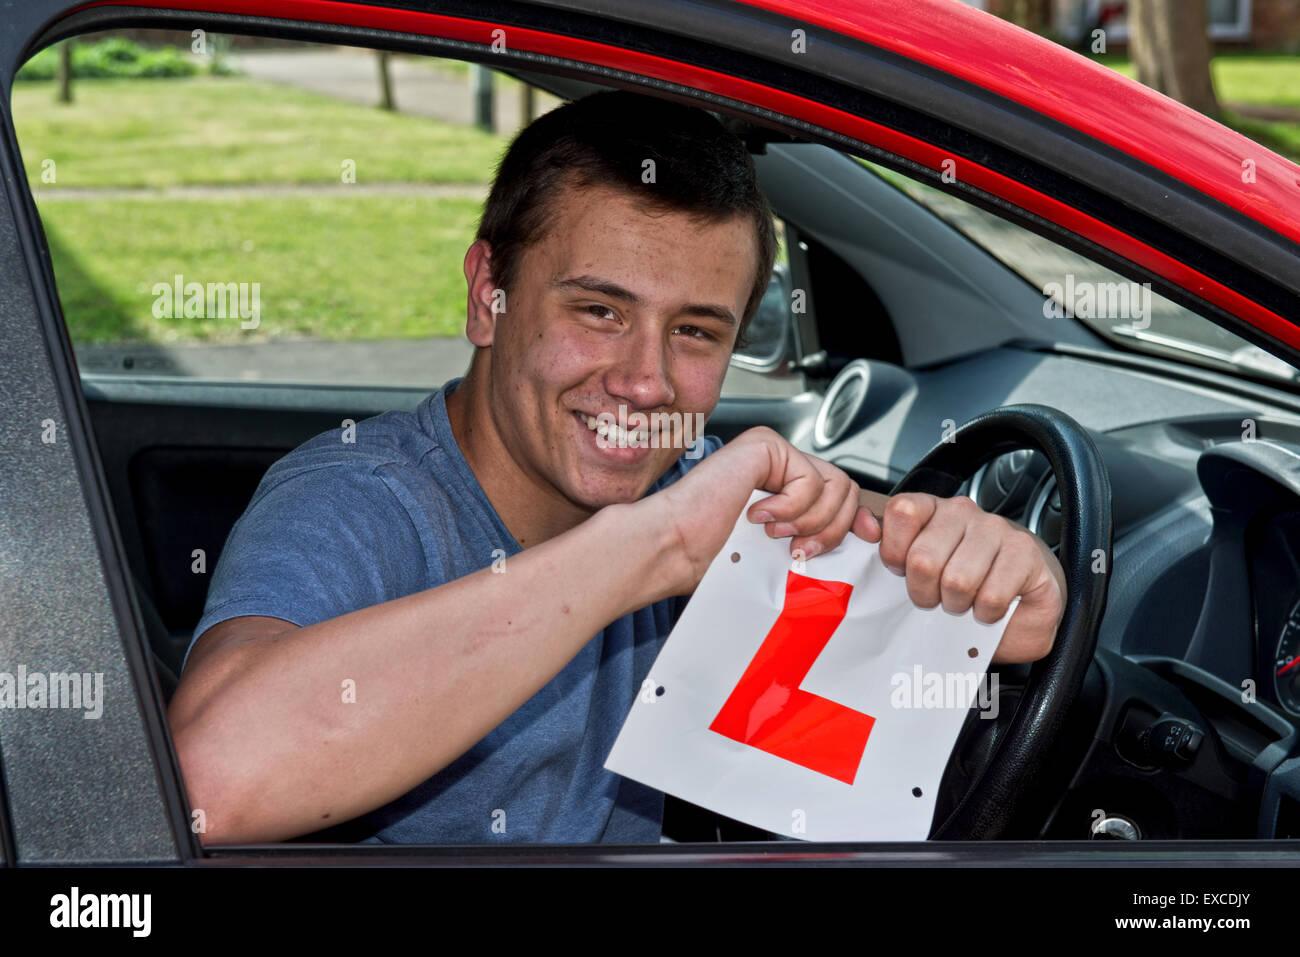 Modello rilasciato immagine di un giovane che ha appena superato il suo esame di guida e così felice con il risultato Foto Stock